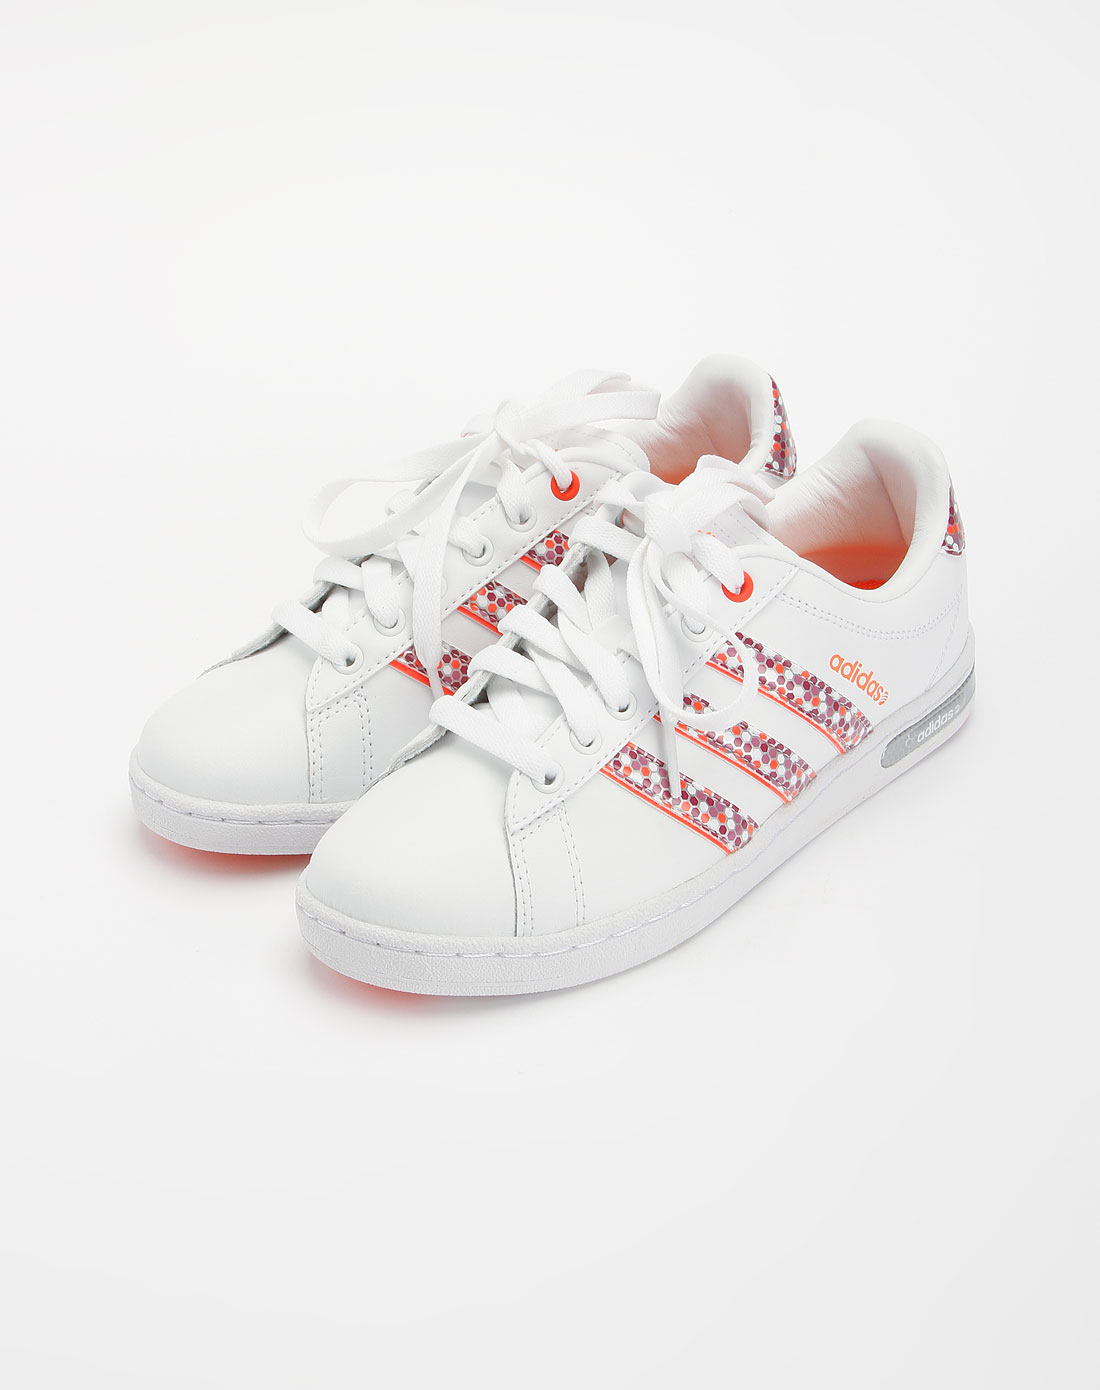 neo男女女款白色休闲鞋